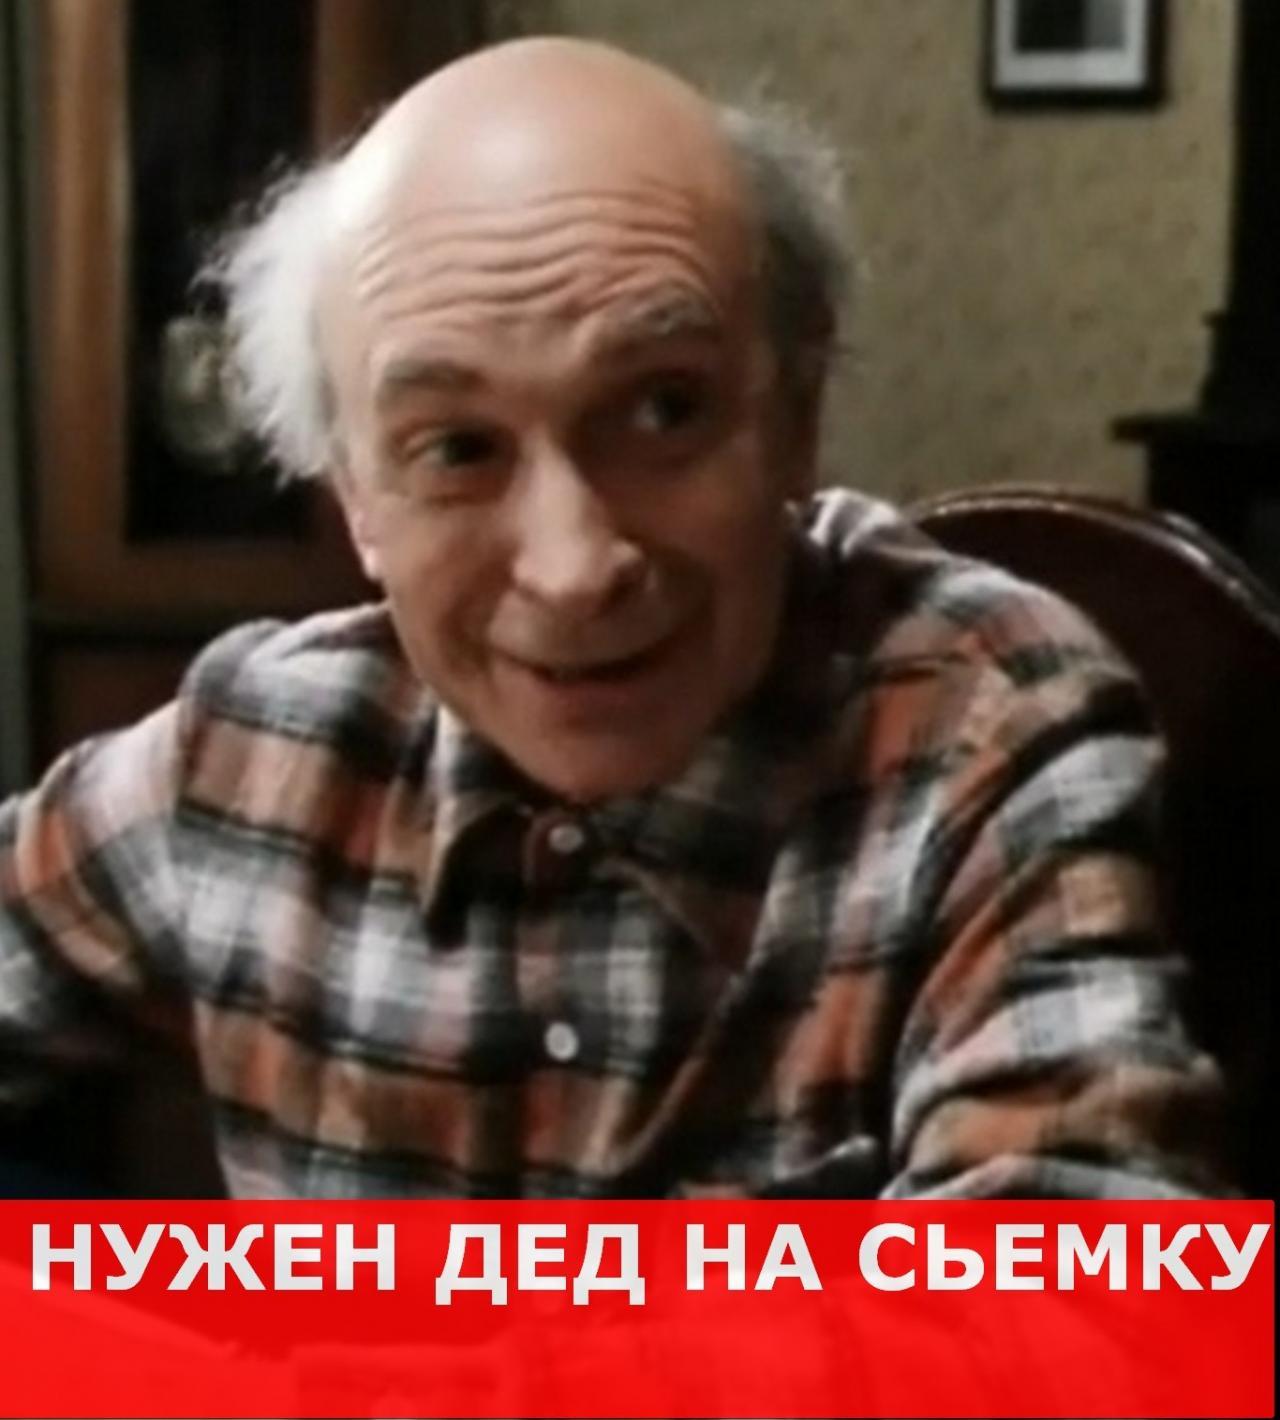 14 июня . ролик. разыскивается Дед ~70 лет Ставка договорная